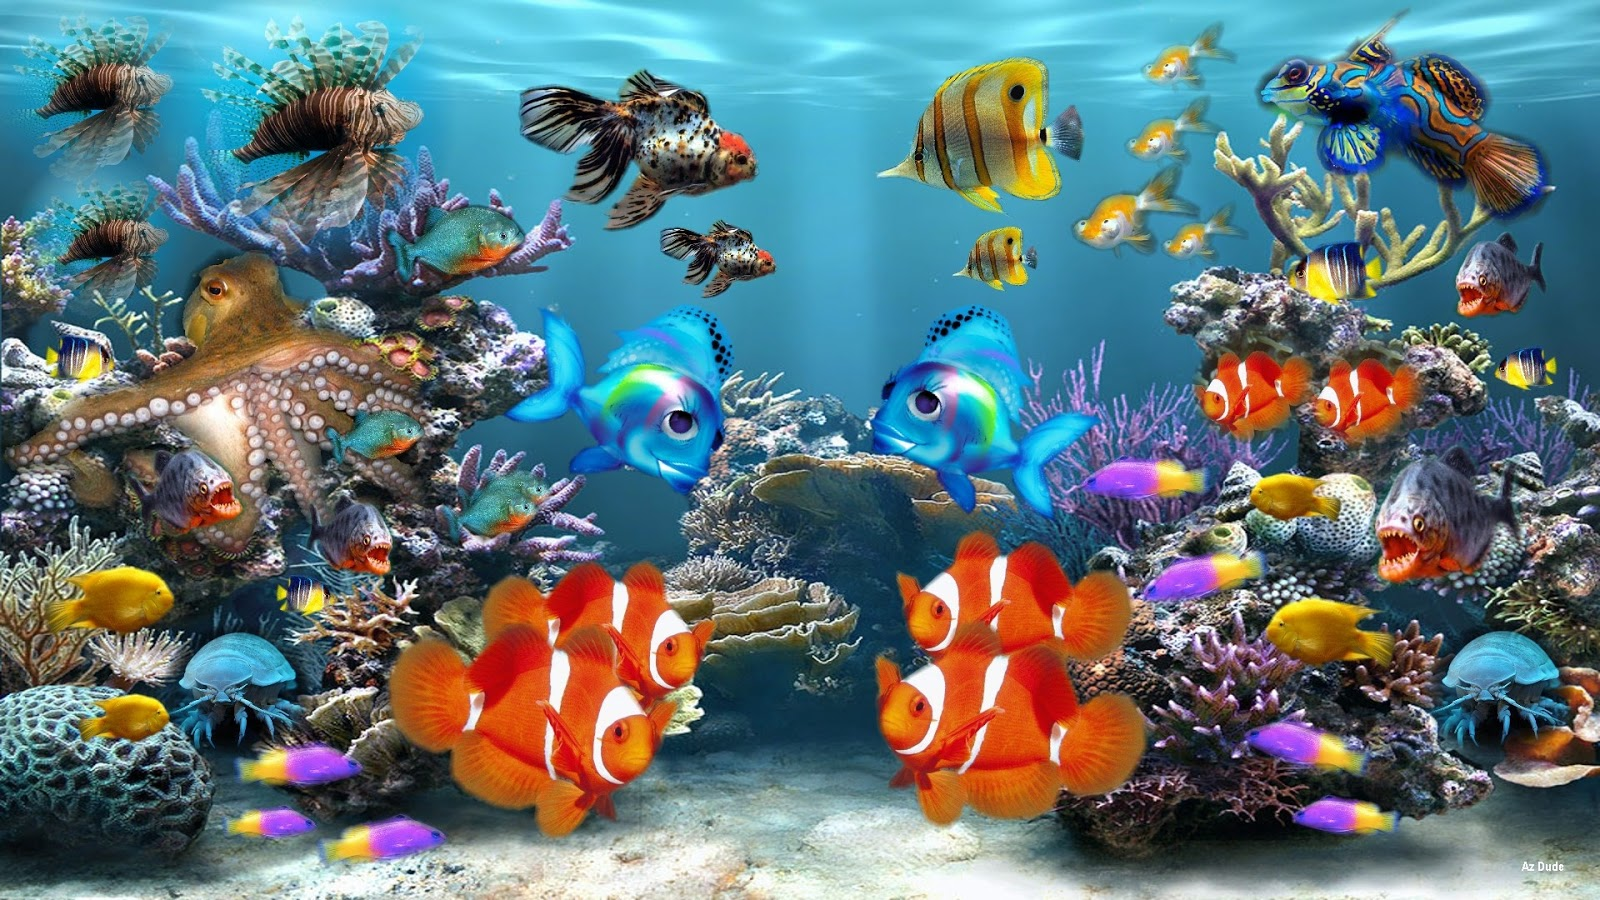 Fishes in aquarium queen dressed fishes in aquarium a dotted fish